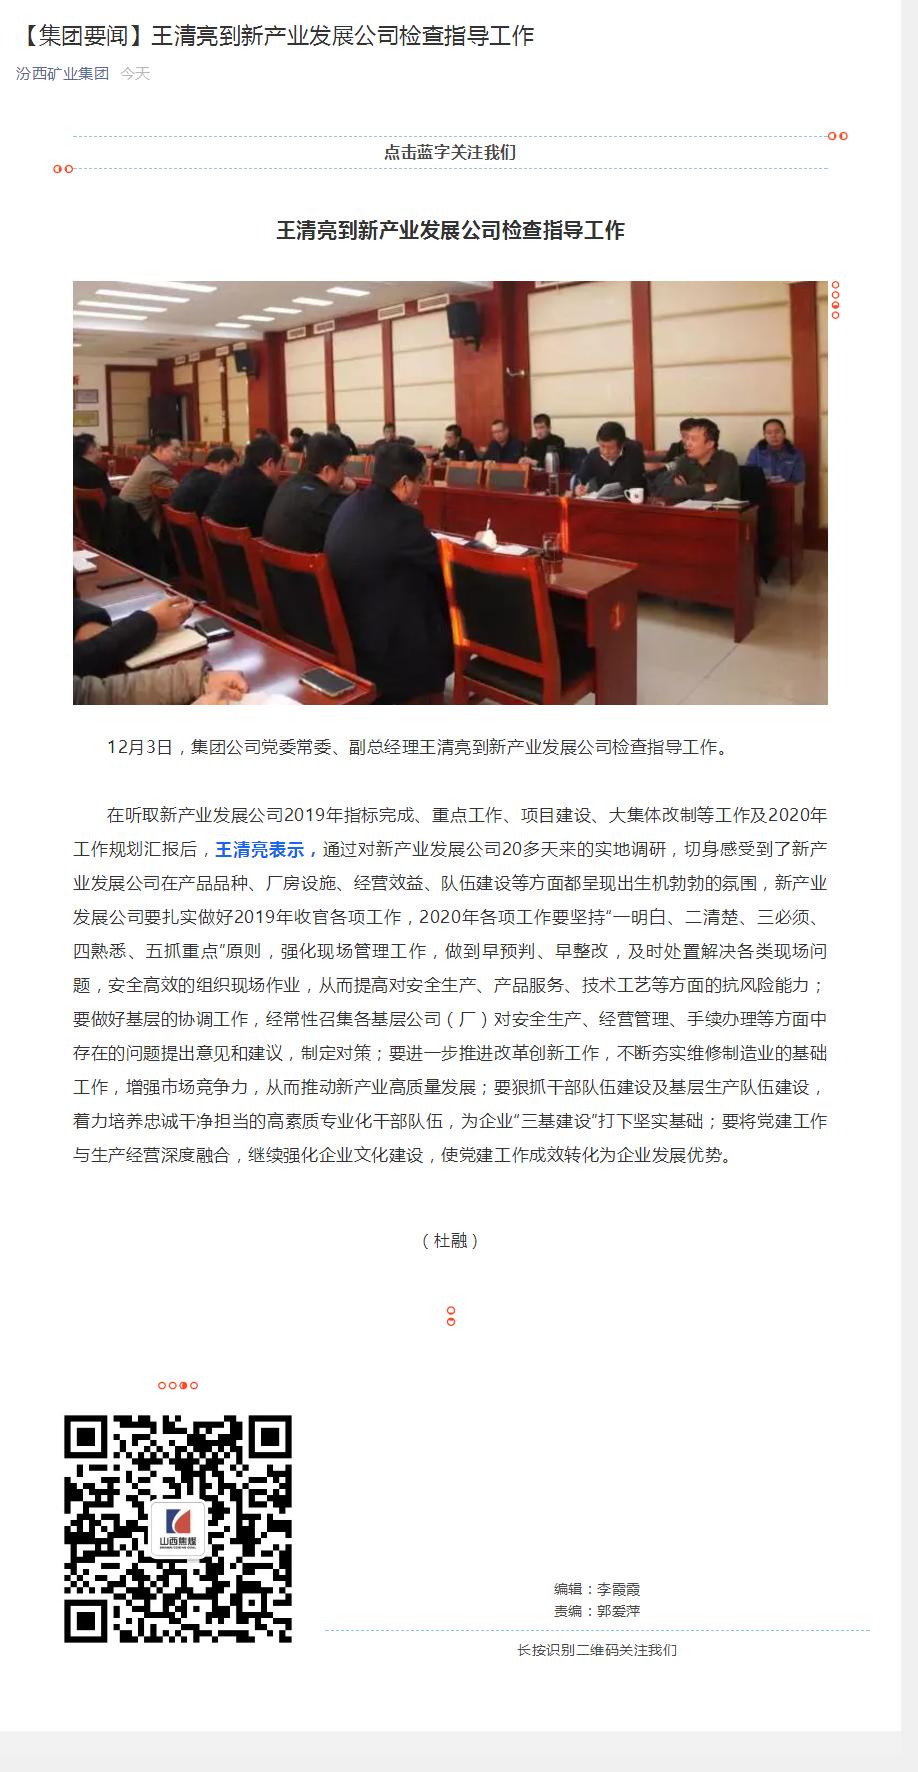 【集团要闻】王清亮到新产业发展公司检查指导工作.png